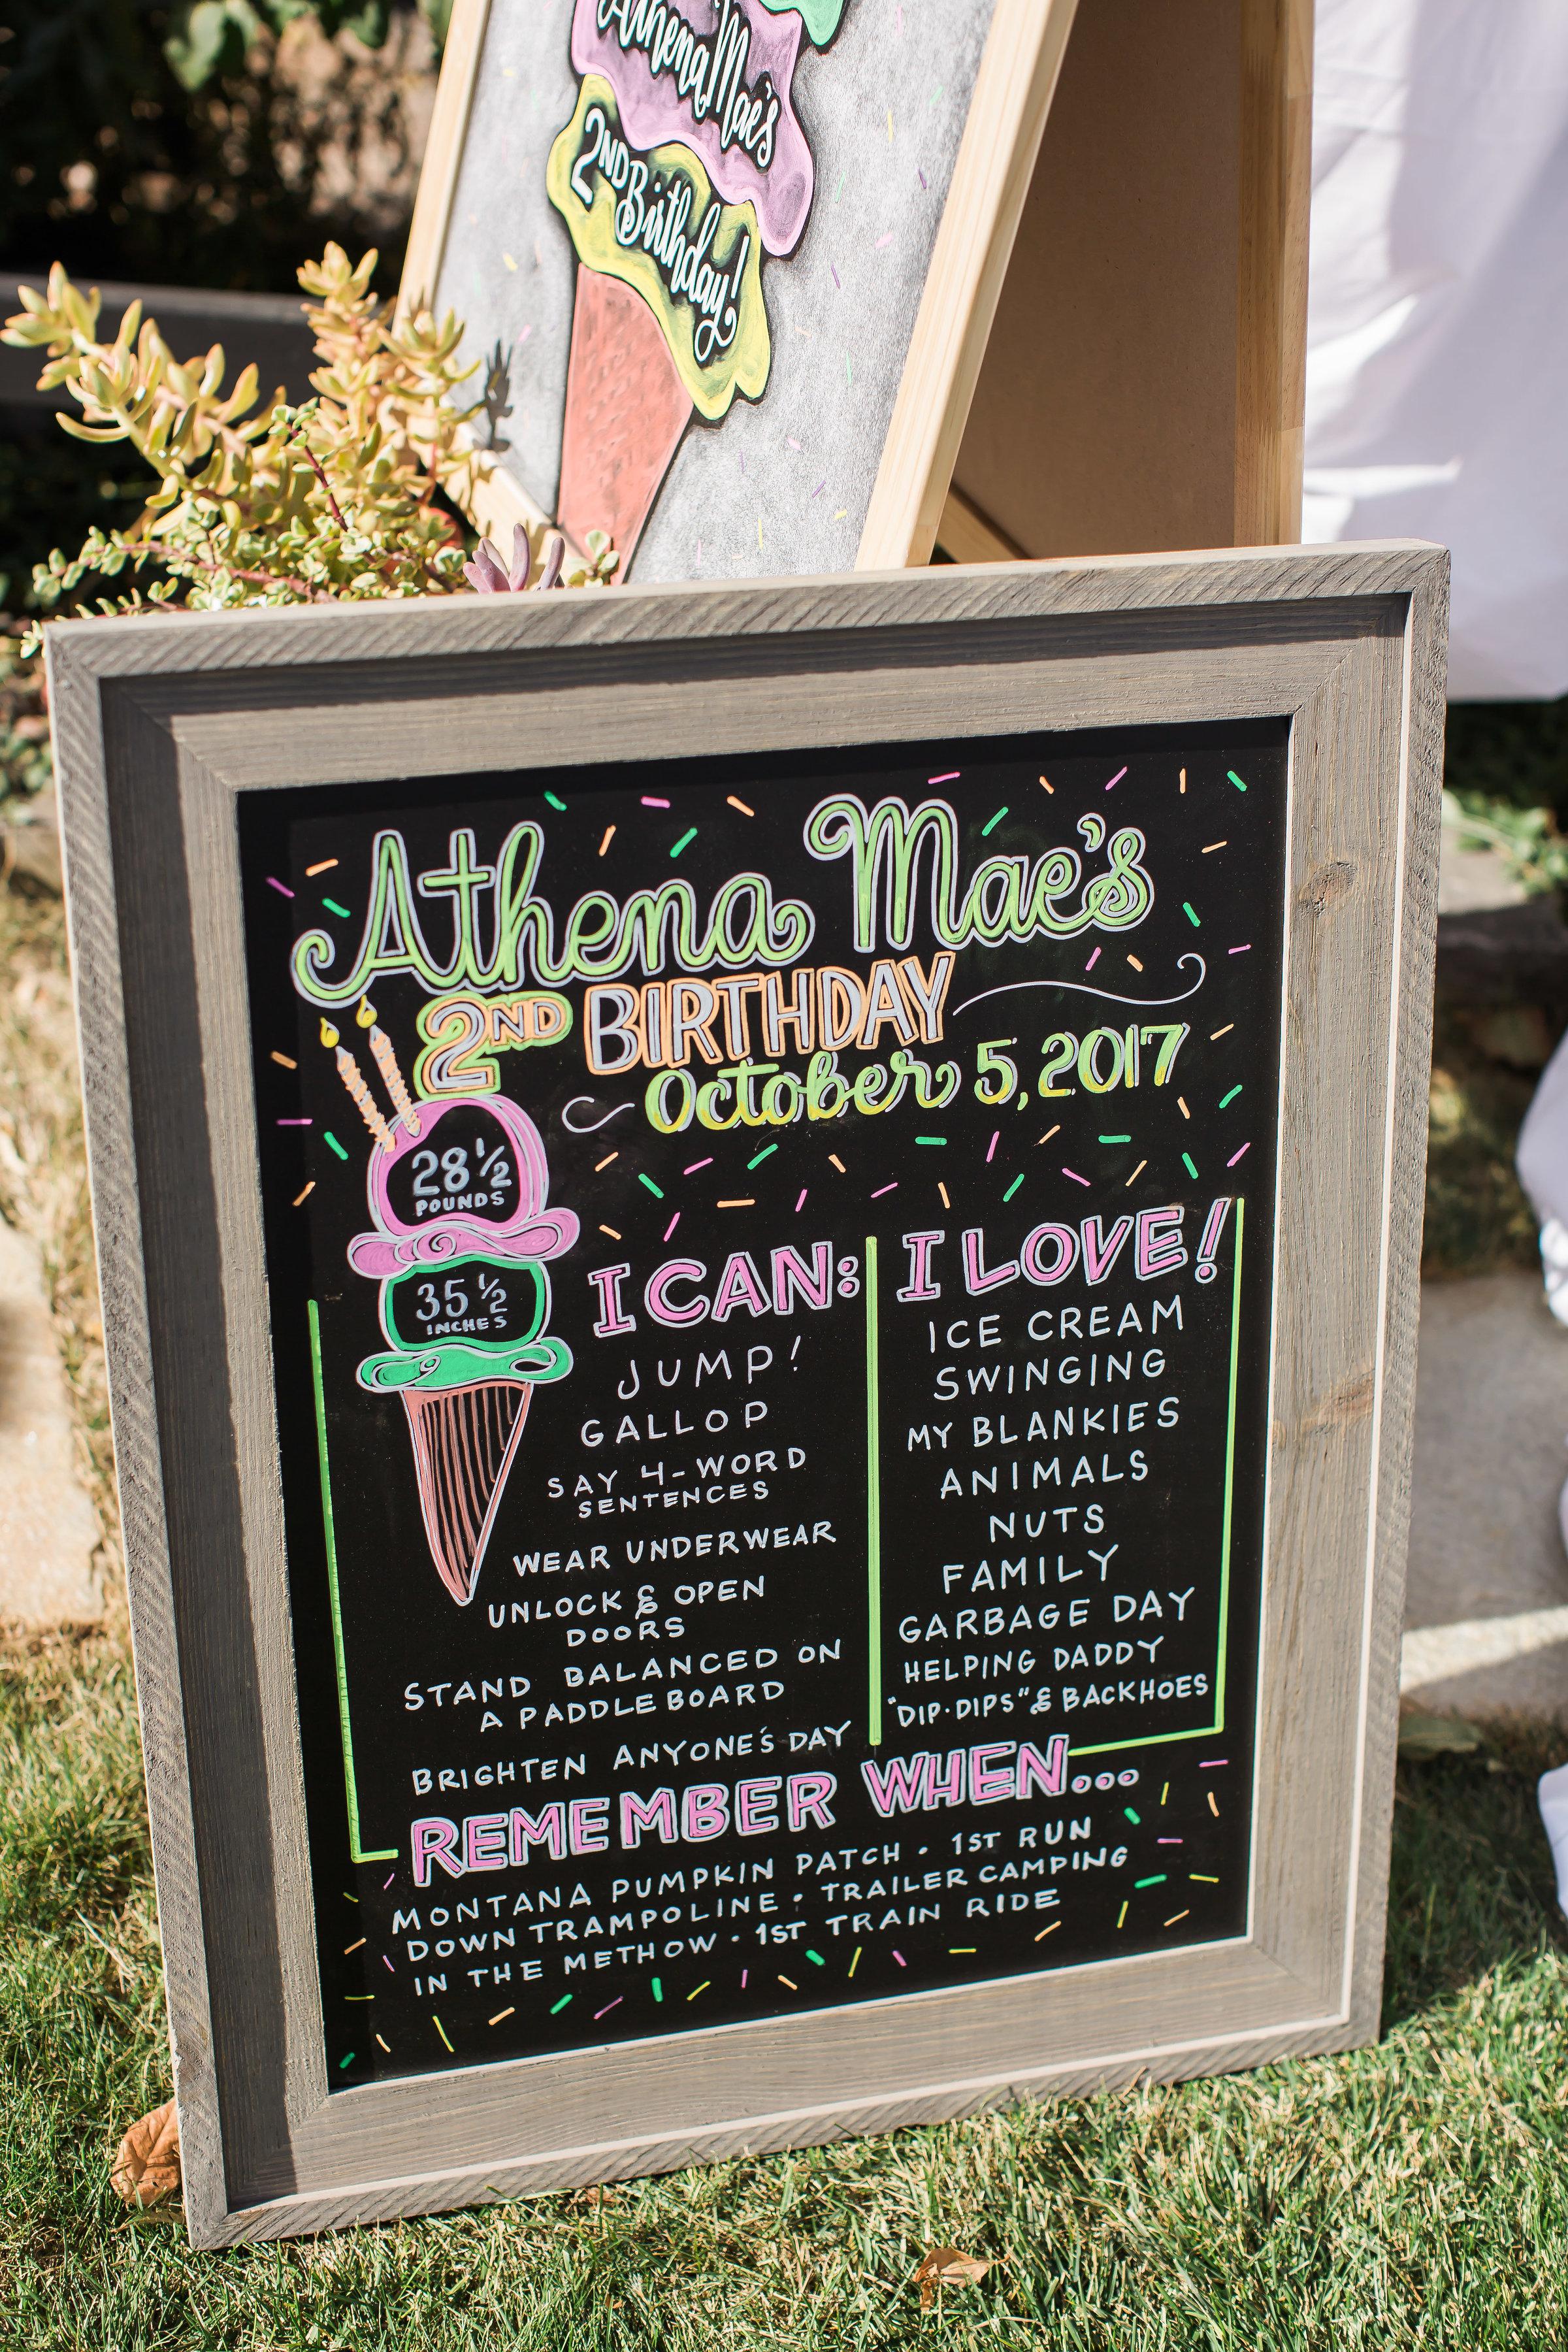 Athena2ndBirthdayParty-91